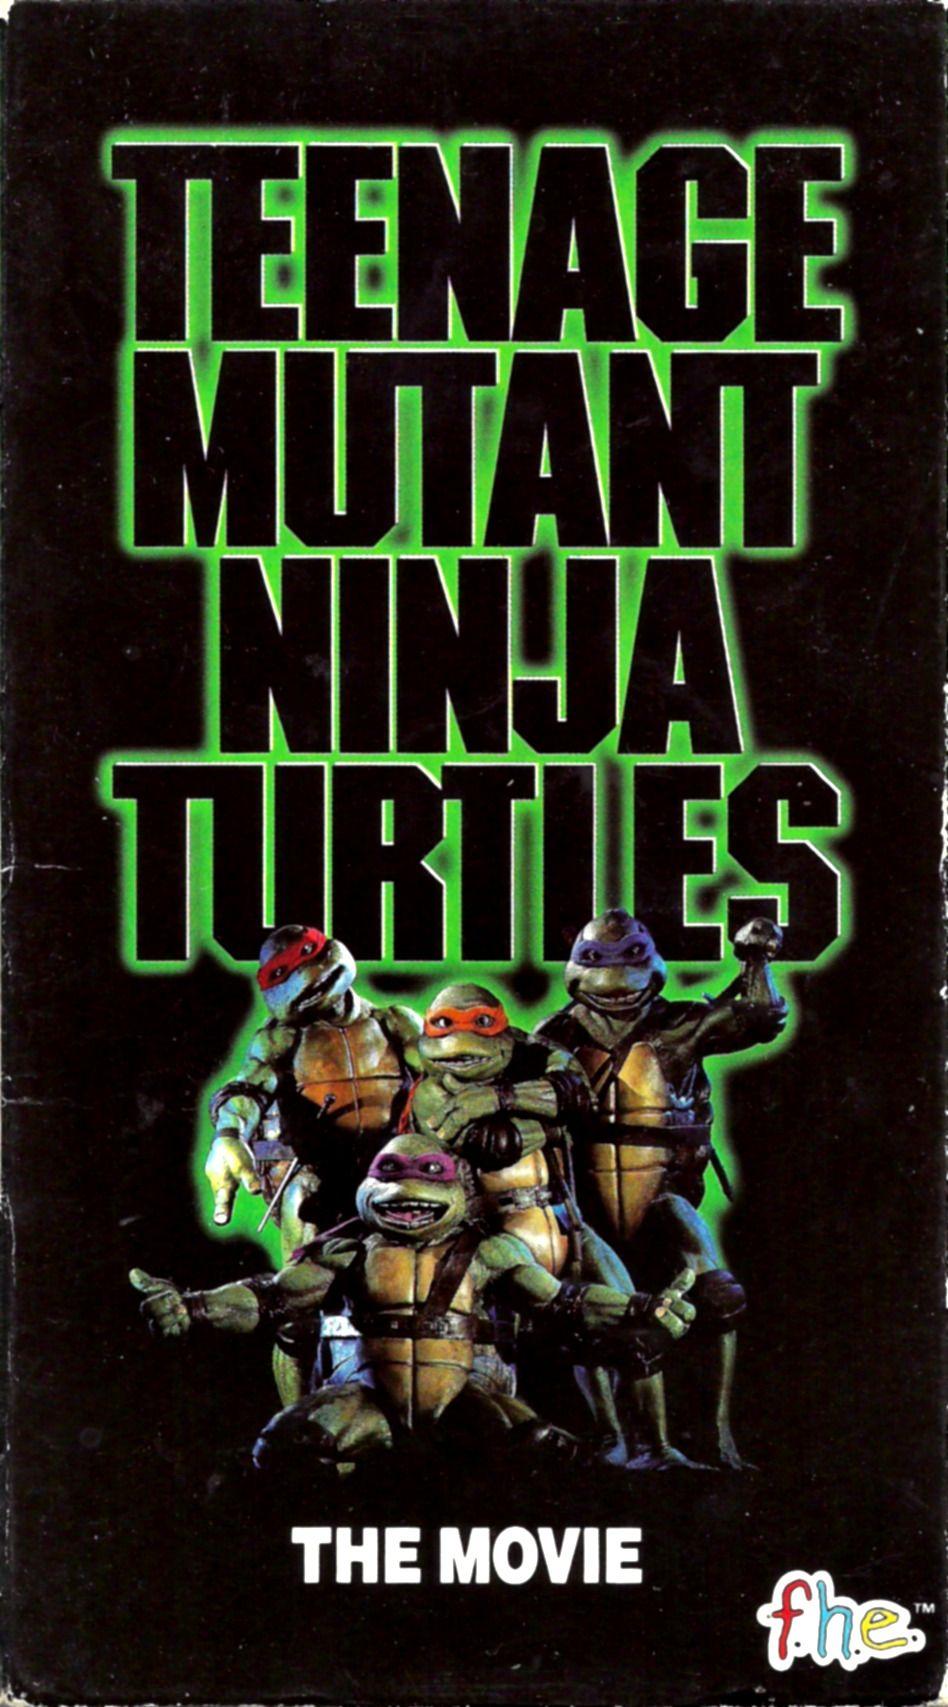 Teenage Mutant Ninja Turtles Movie 1990 Vhs Vhs Hi Fi Teenage Mutant Ninja Tur Teenage Mutant Ninja Turtles Teenage Mutant Ninja Turtles Movie Ninja Turtles